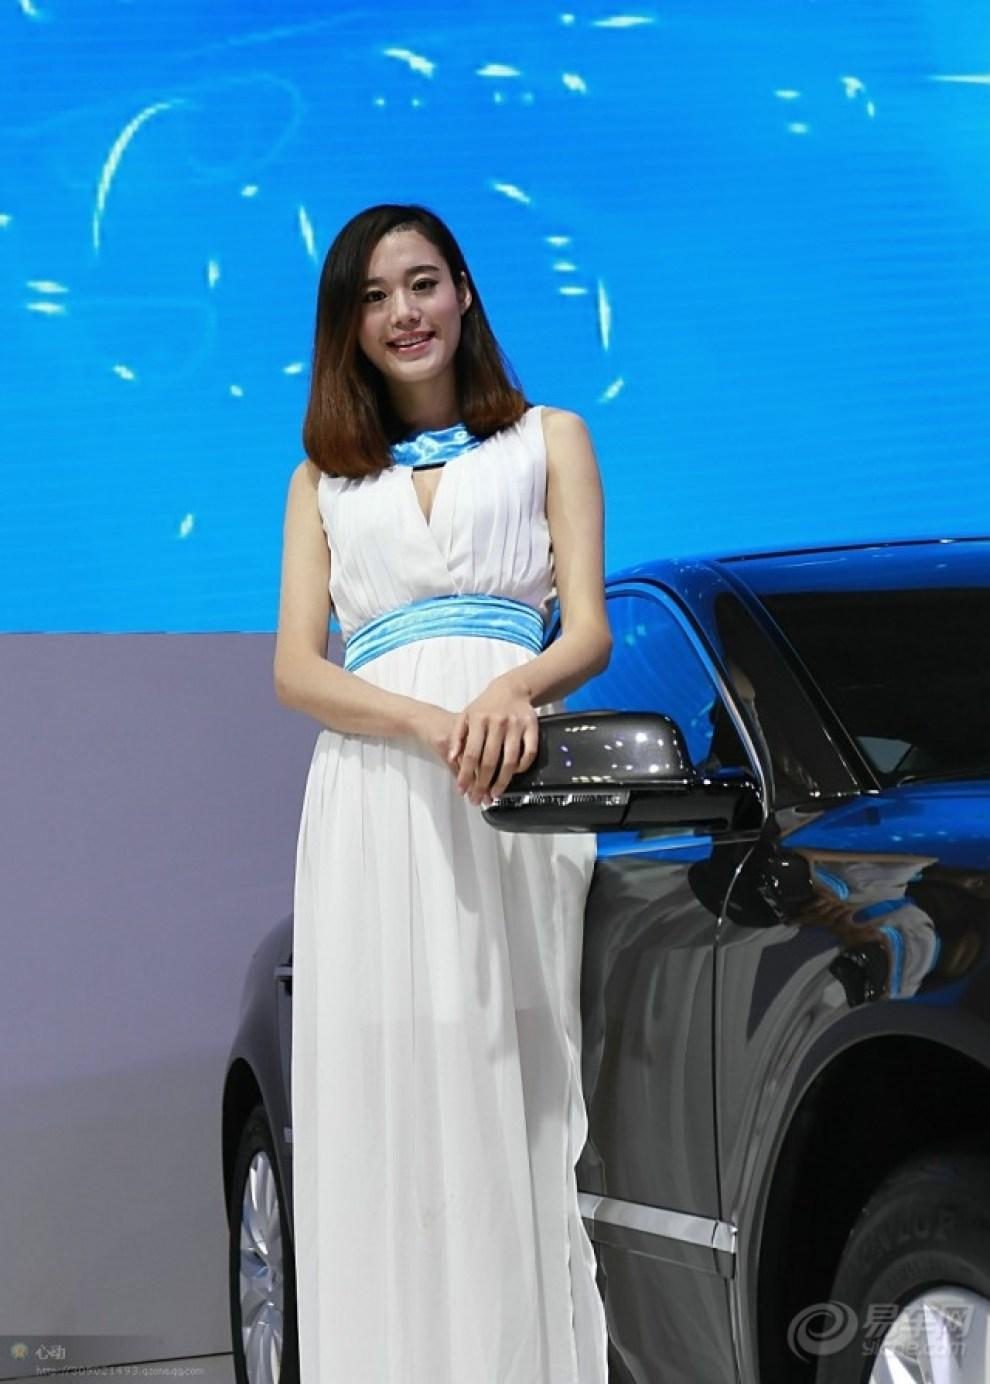 2013广州琶洲车展不定期更新 私货高清图片